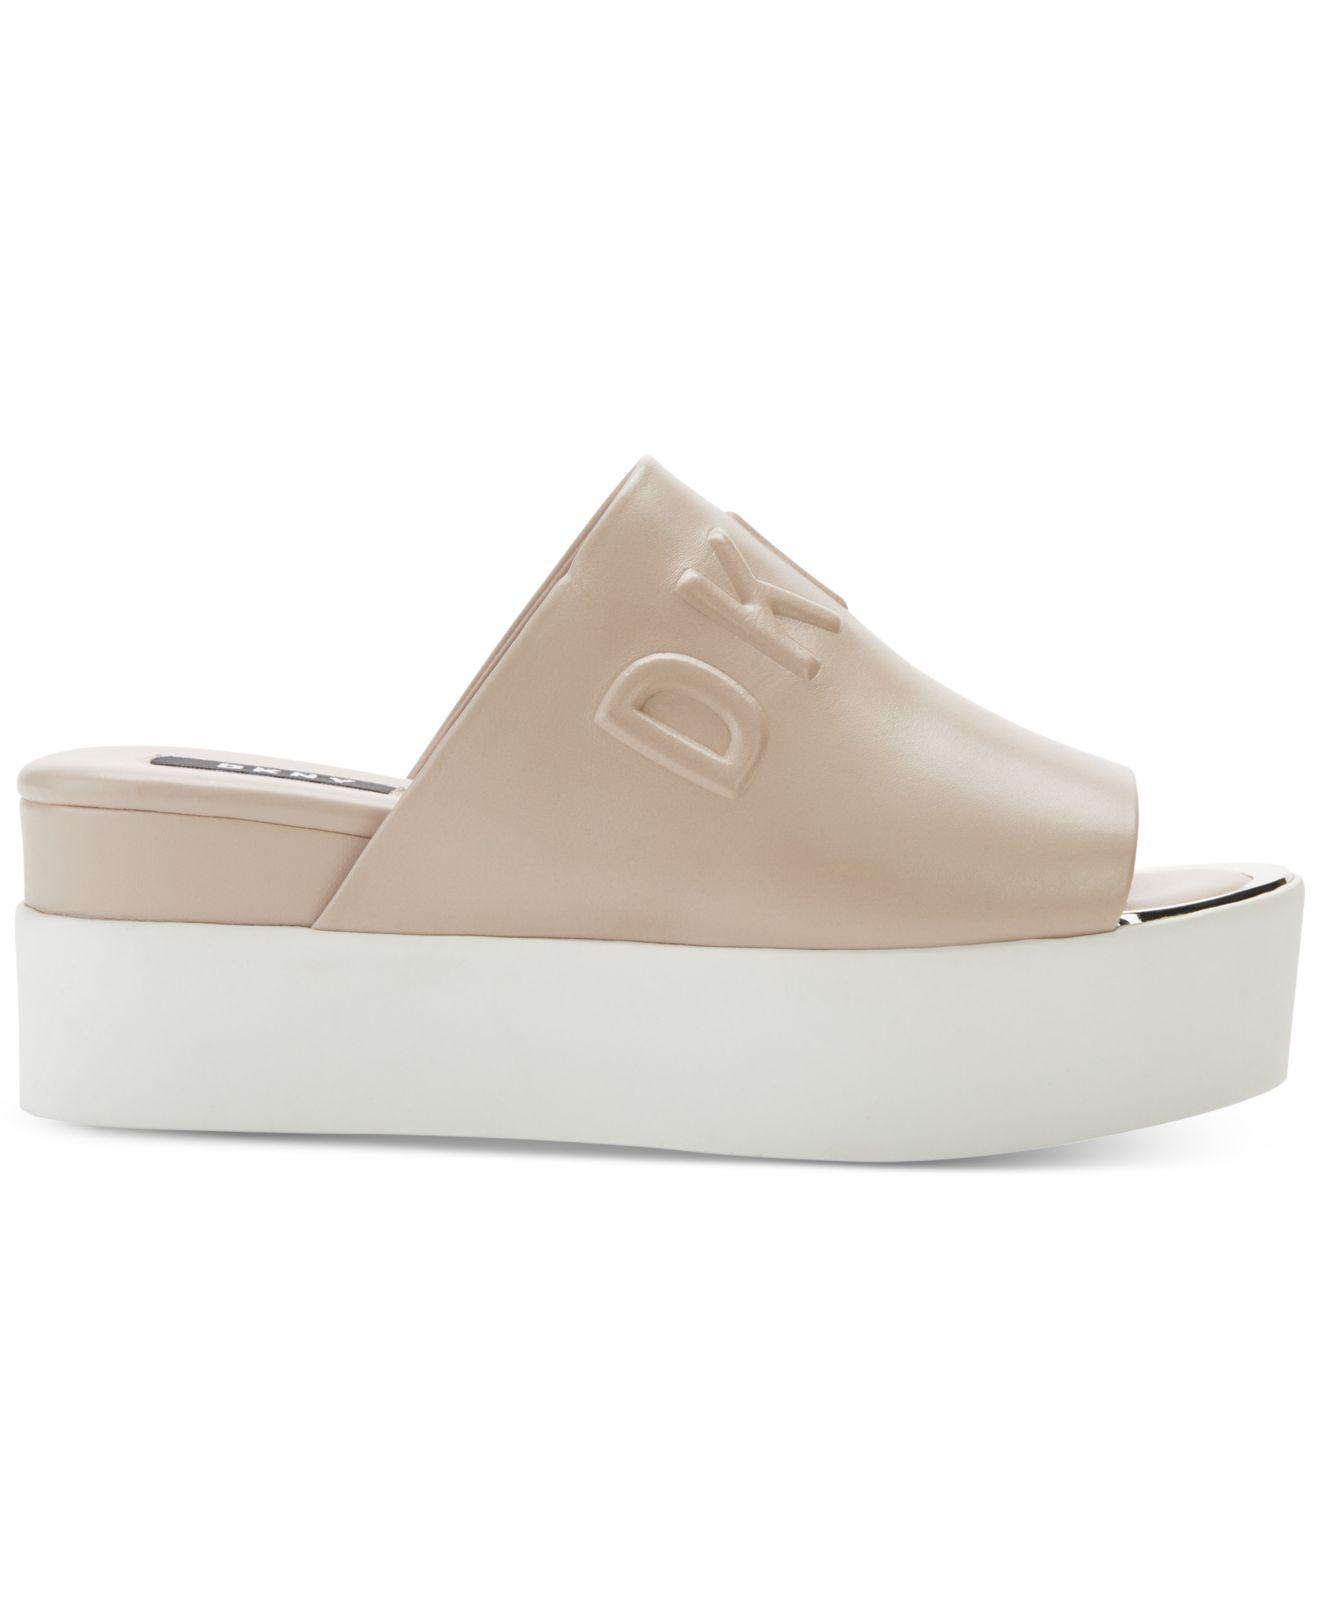 DKNY Denim Covo Platform Slide Sandals